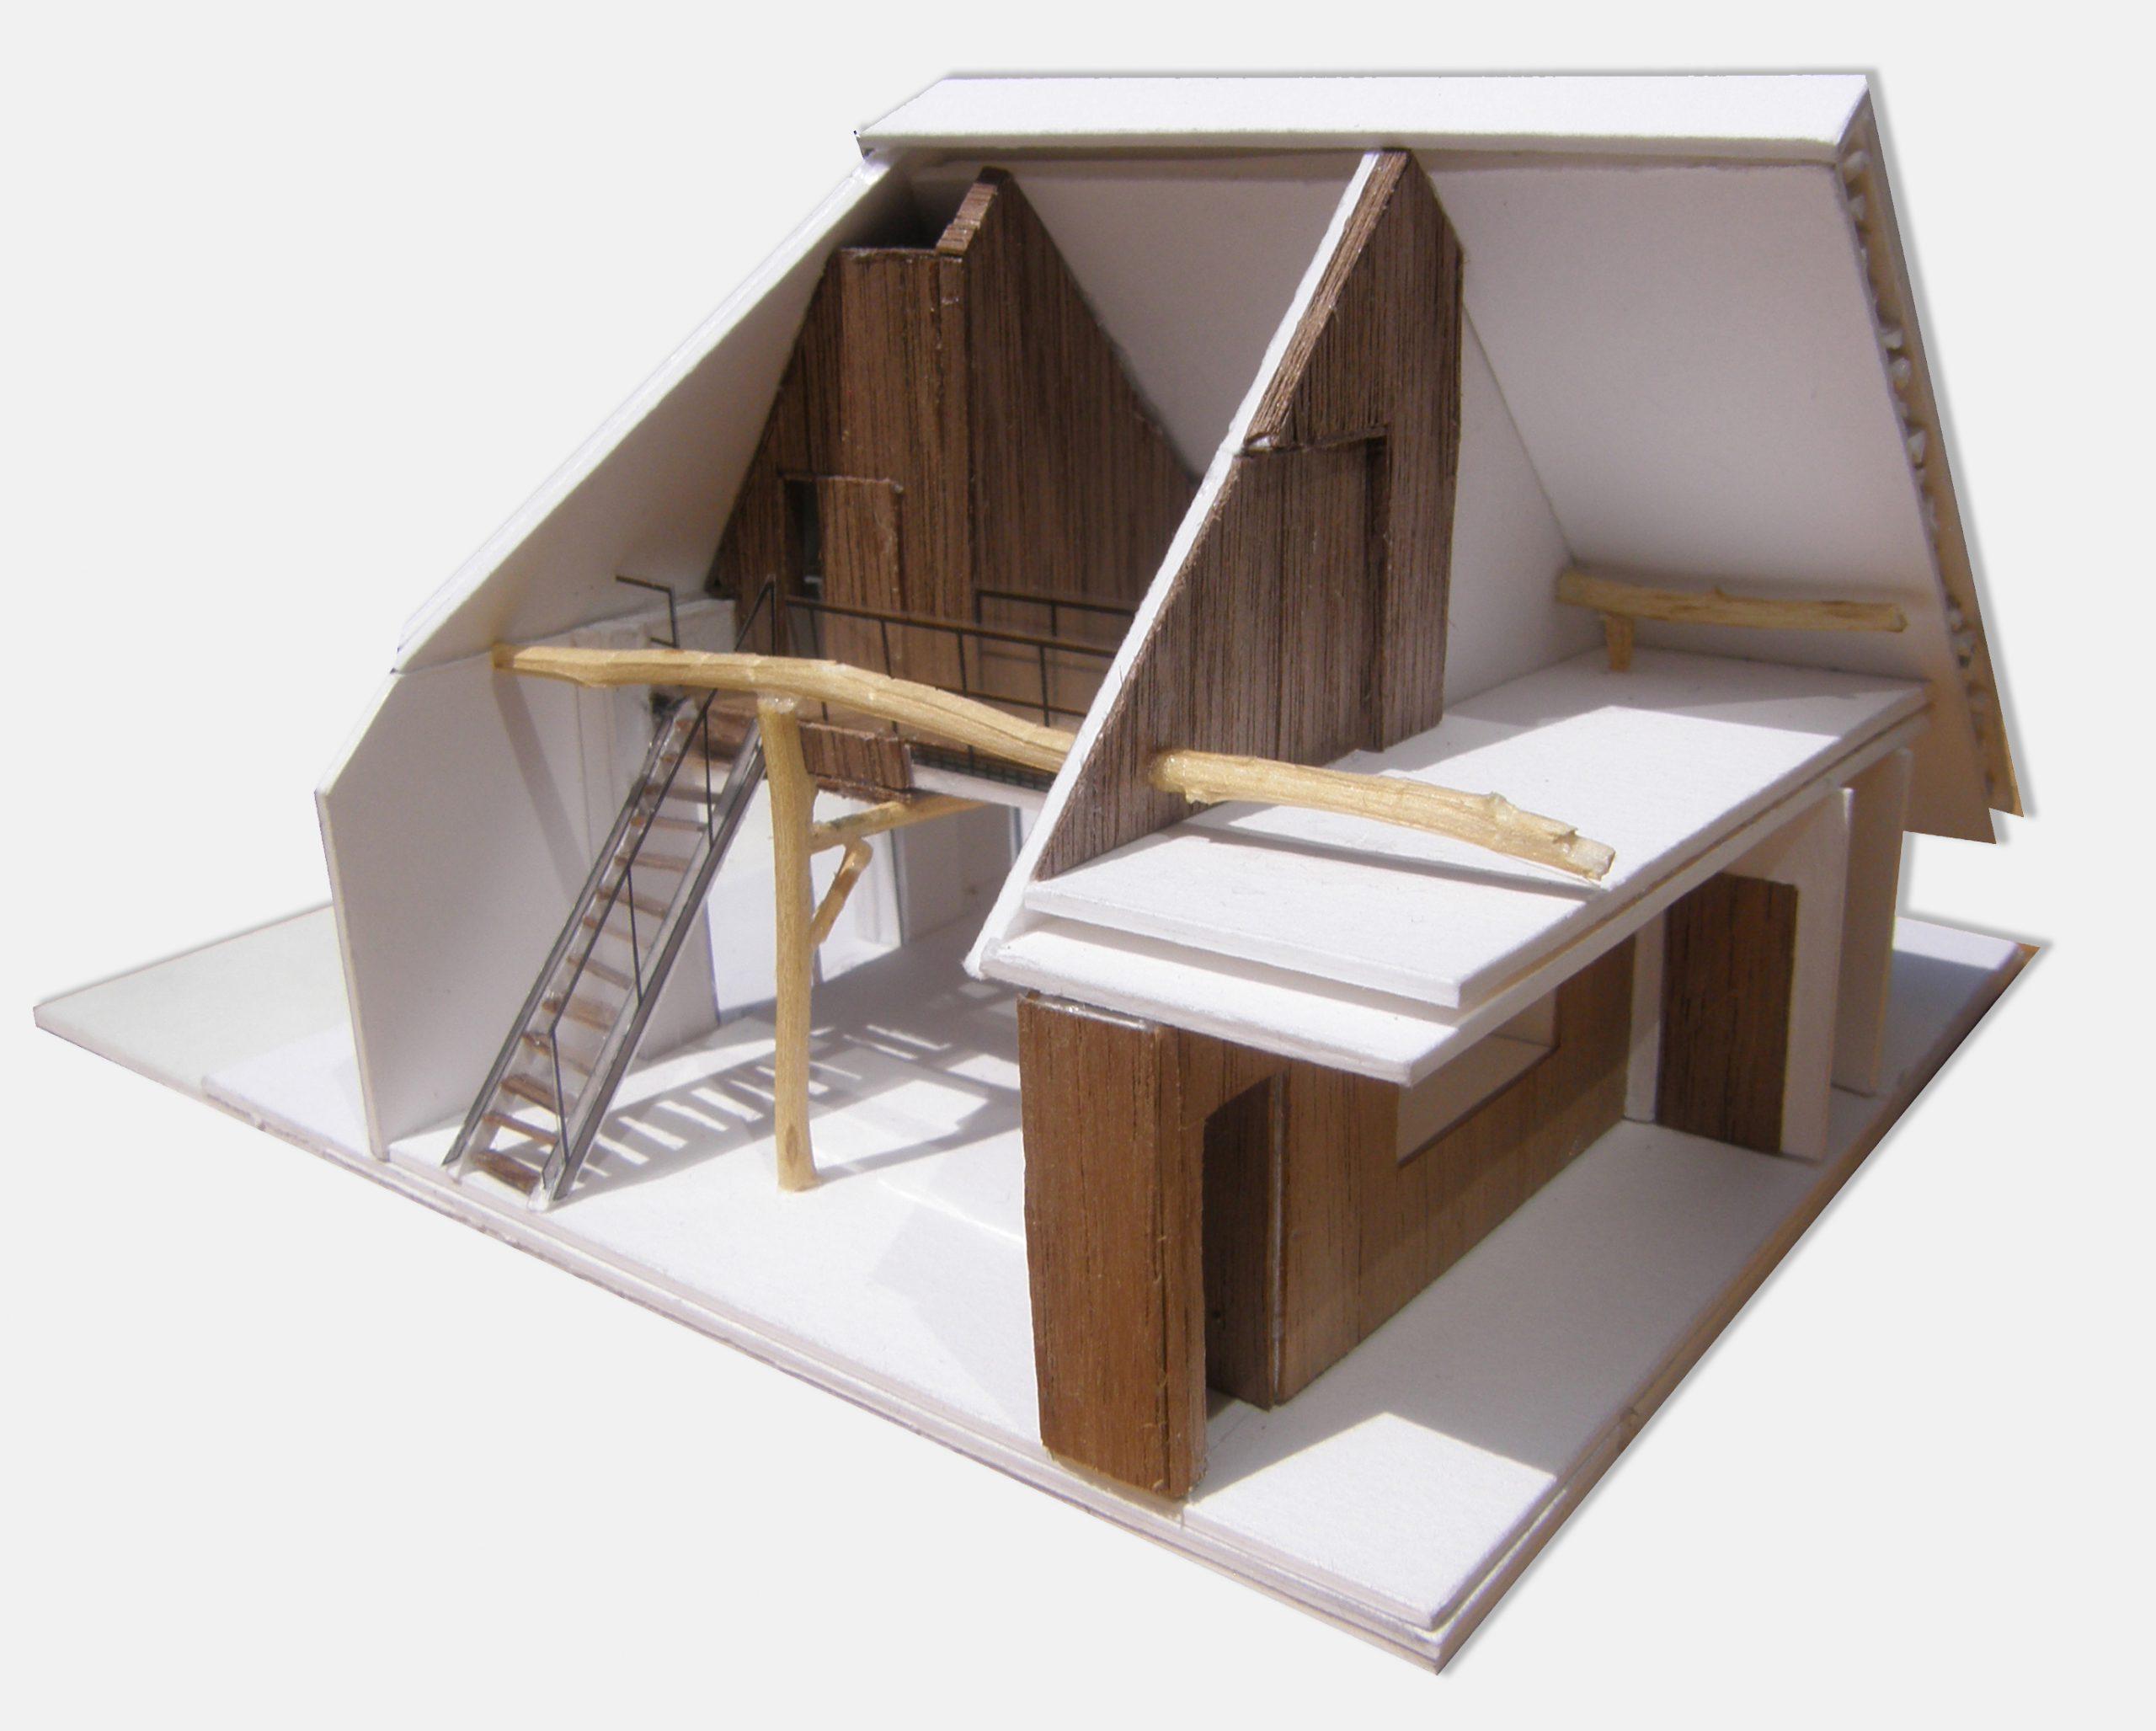 Maquette ontwerp verbouwing boerderij